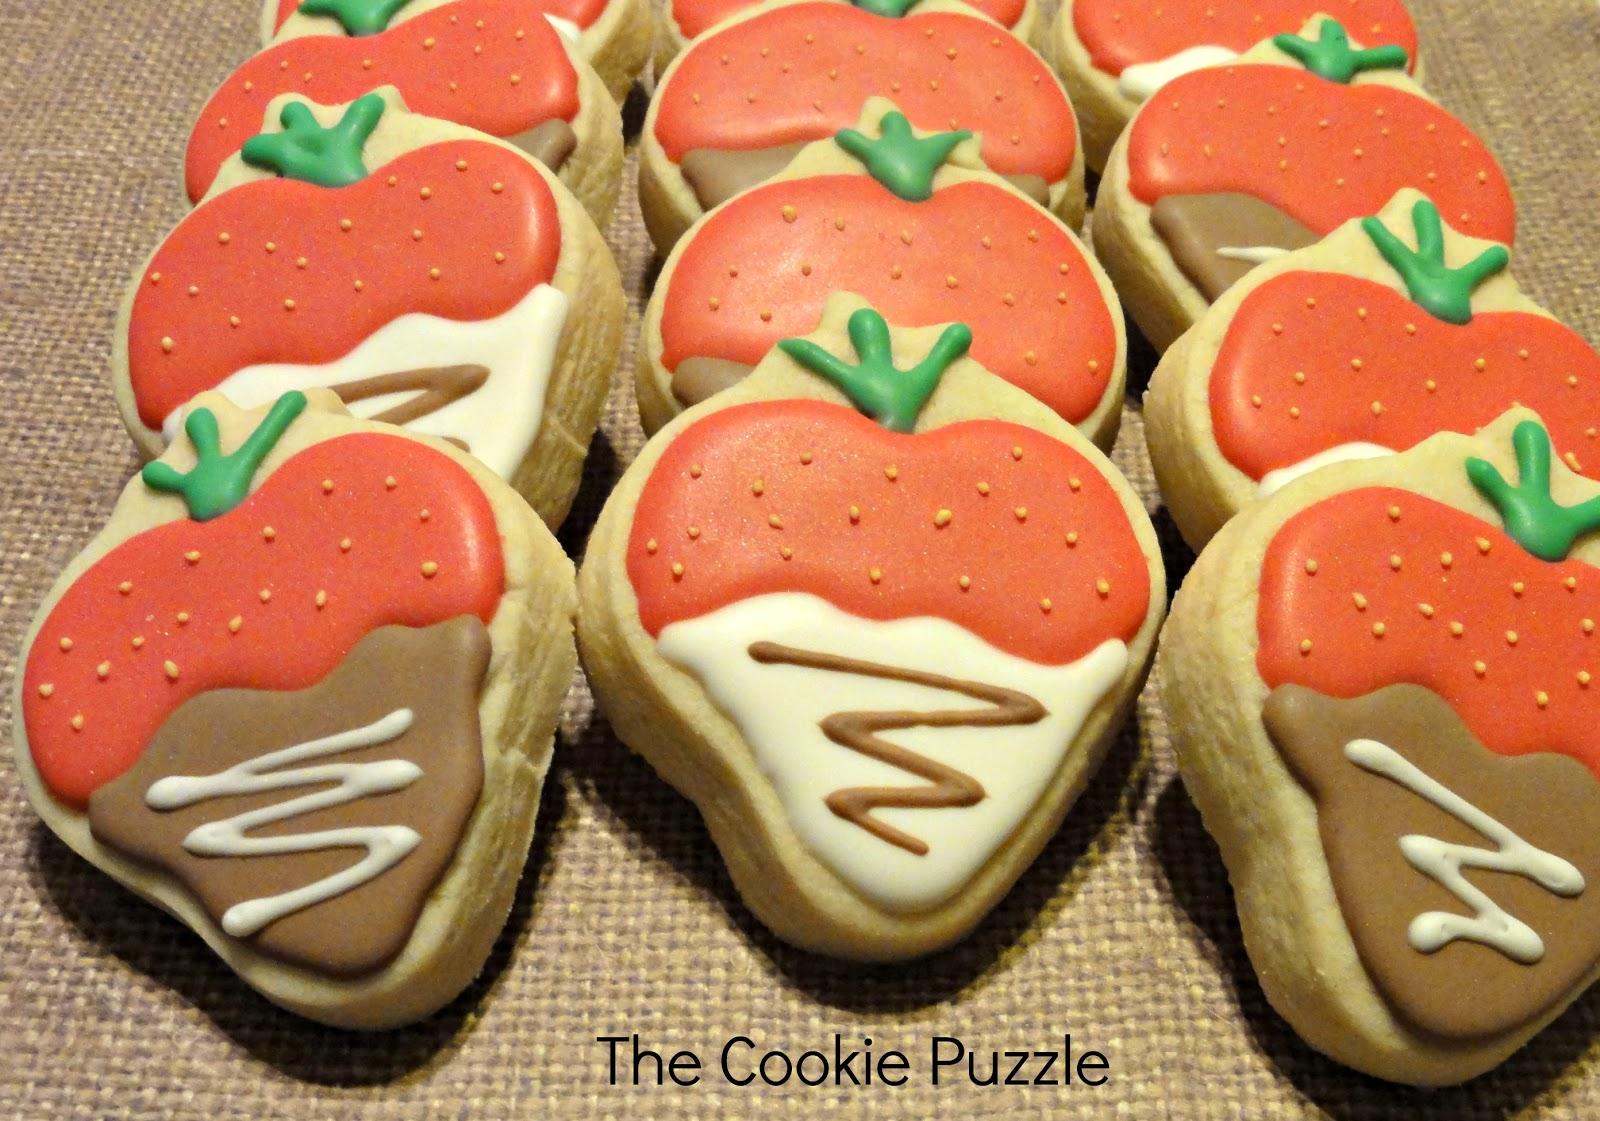 The Cookie Puzzle: My Cookie Marathon...Valentine's Day 2013